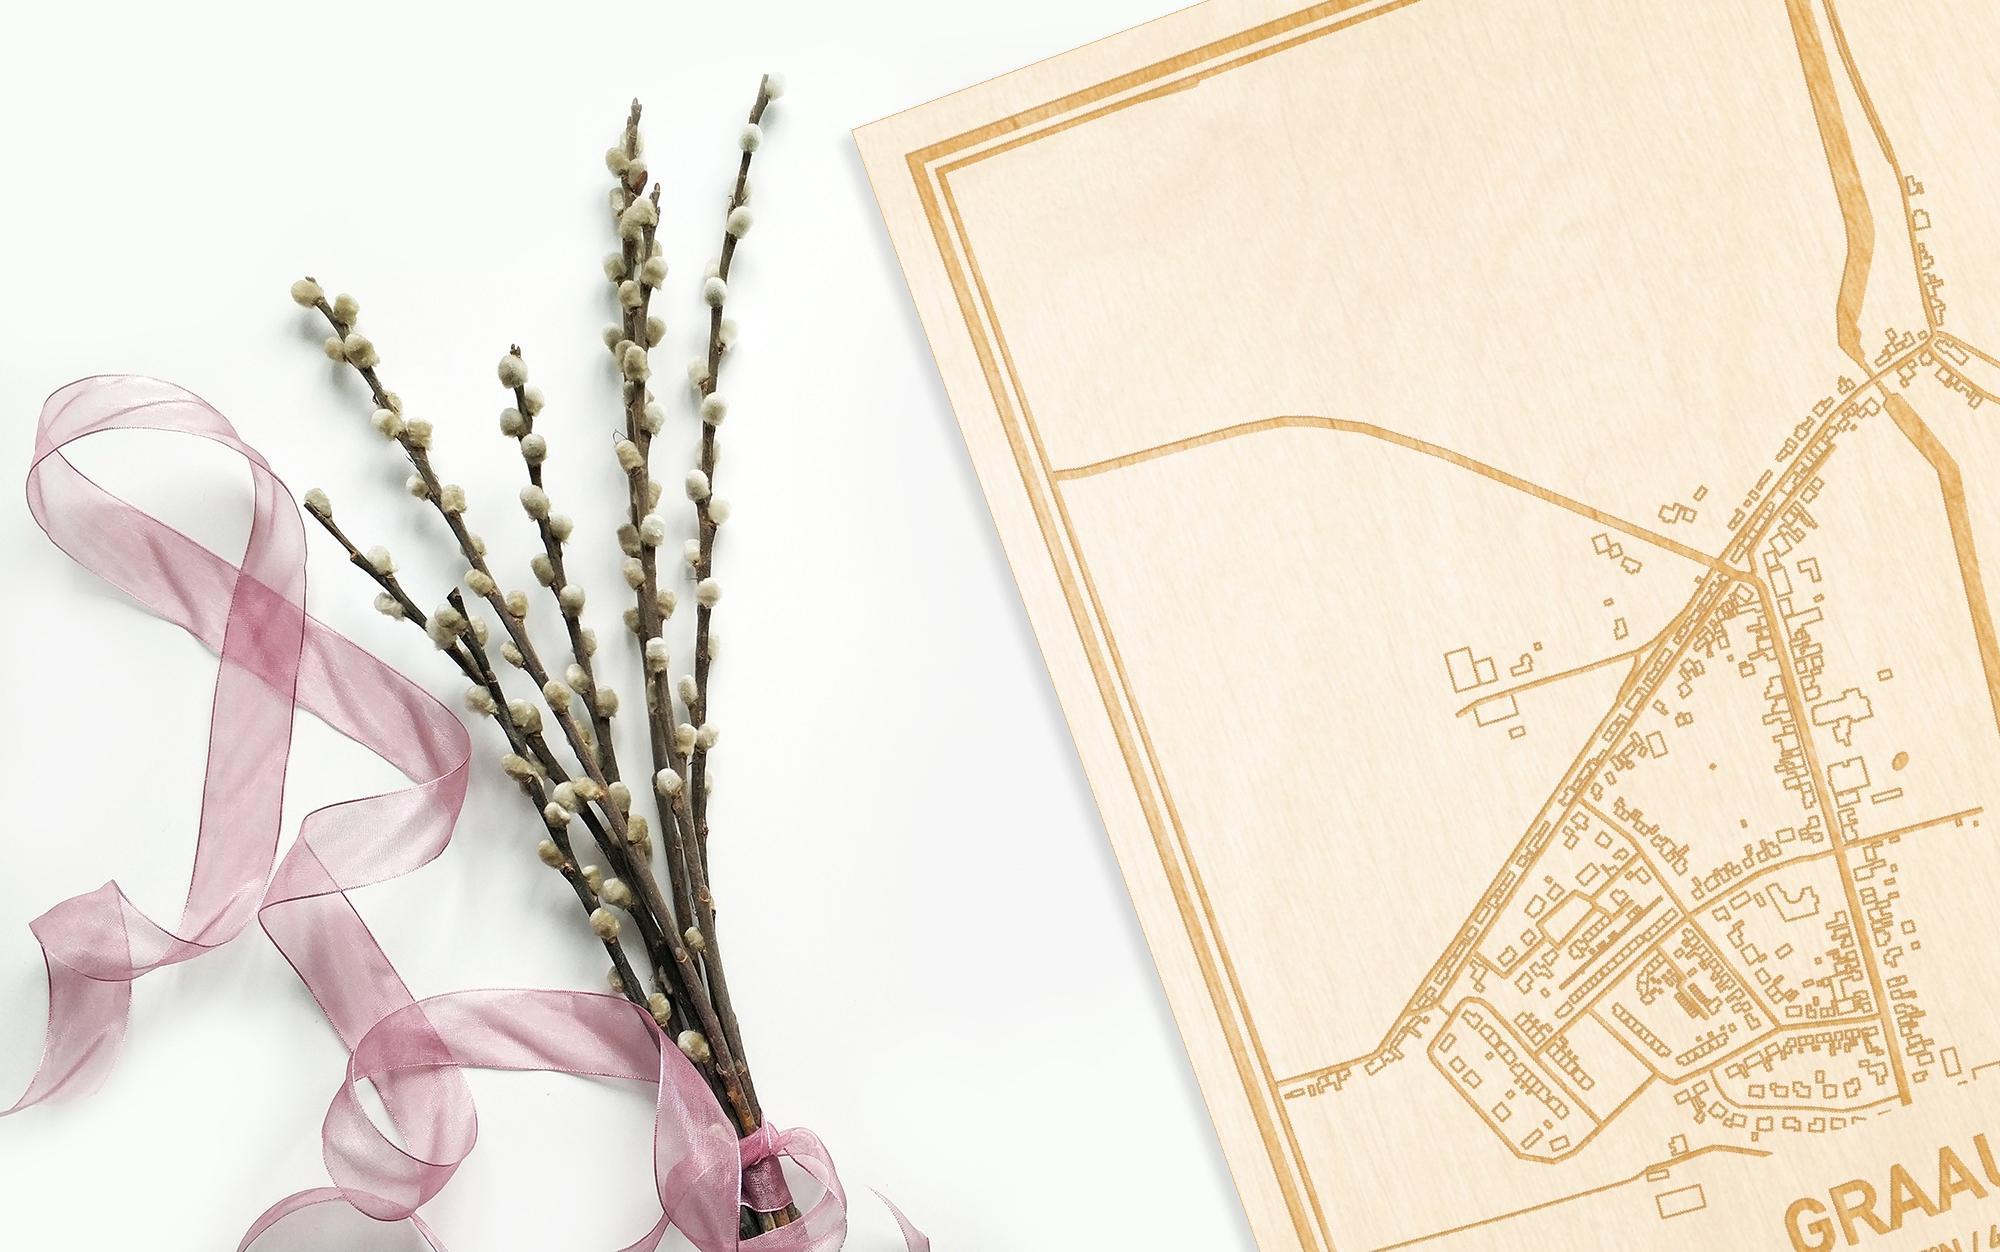 Hier ligt de houten plattegrond Graauw naast een bloemetje als gepersonaliseerd cadeau voor haar.